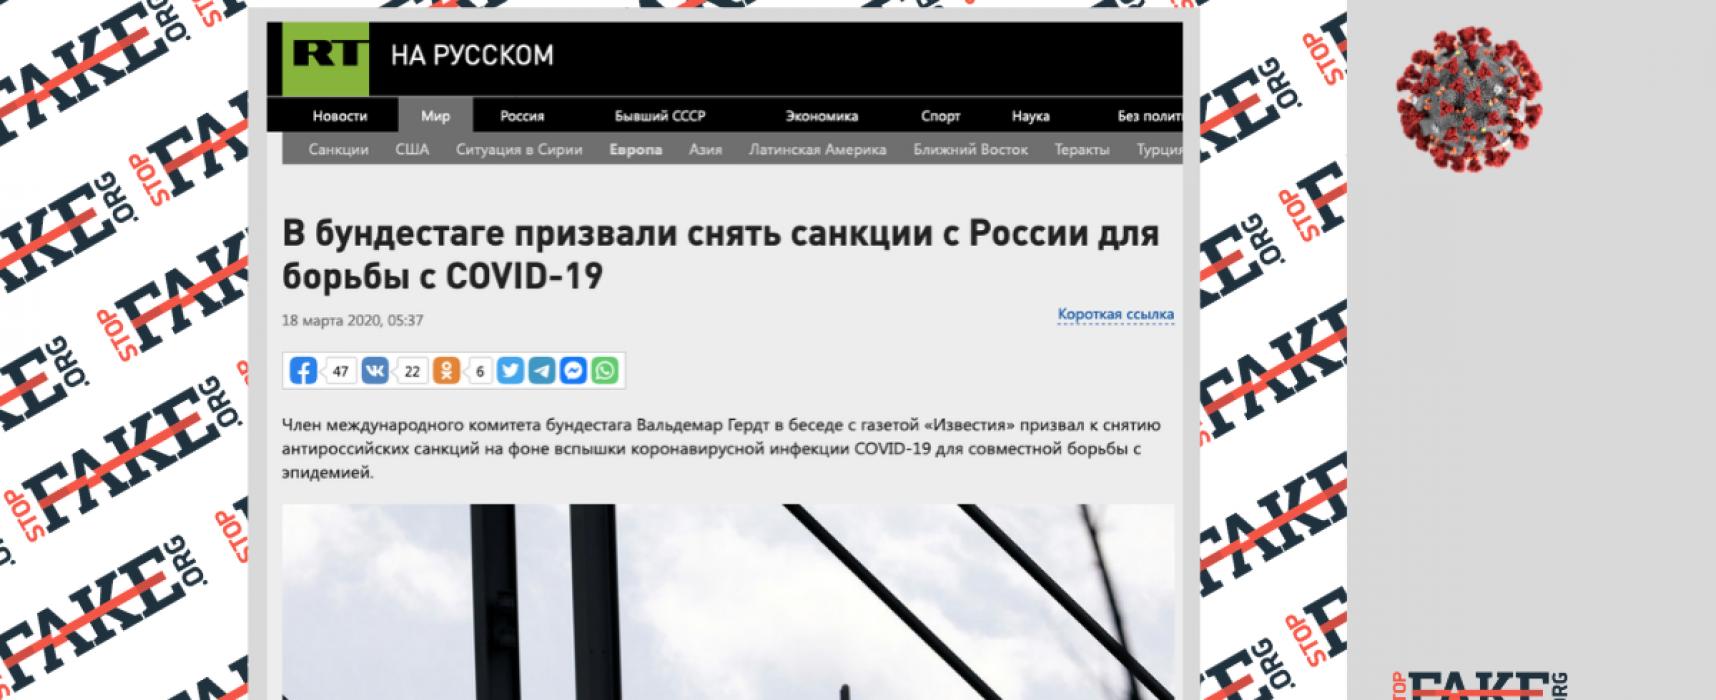 Фейк: В бундестаге призвали снять санкции с России для борьбы с COVID-19